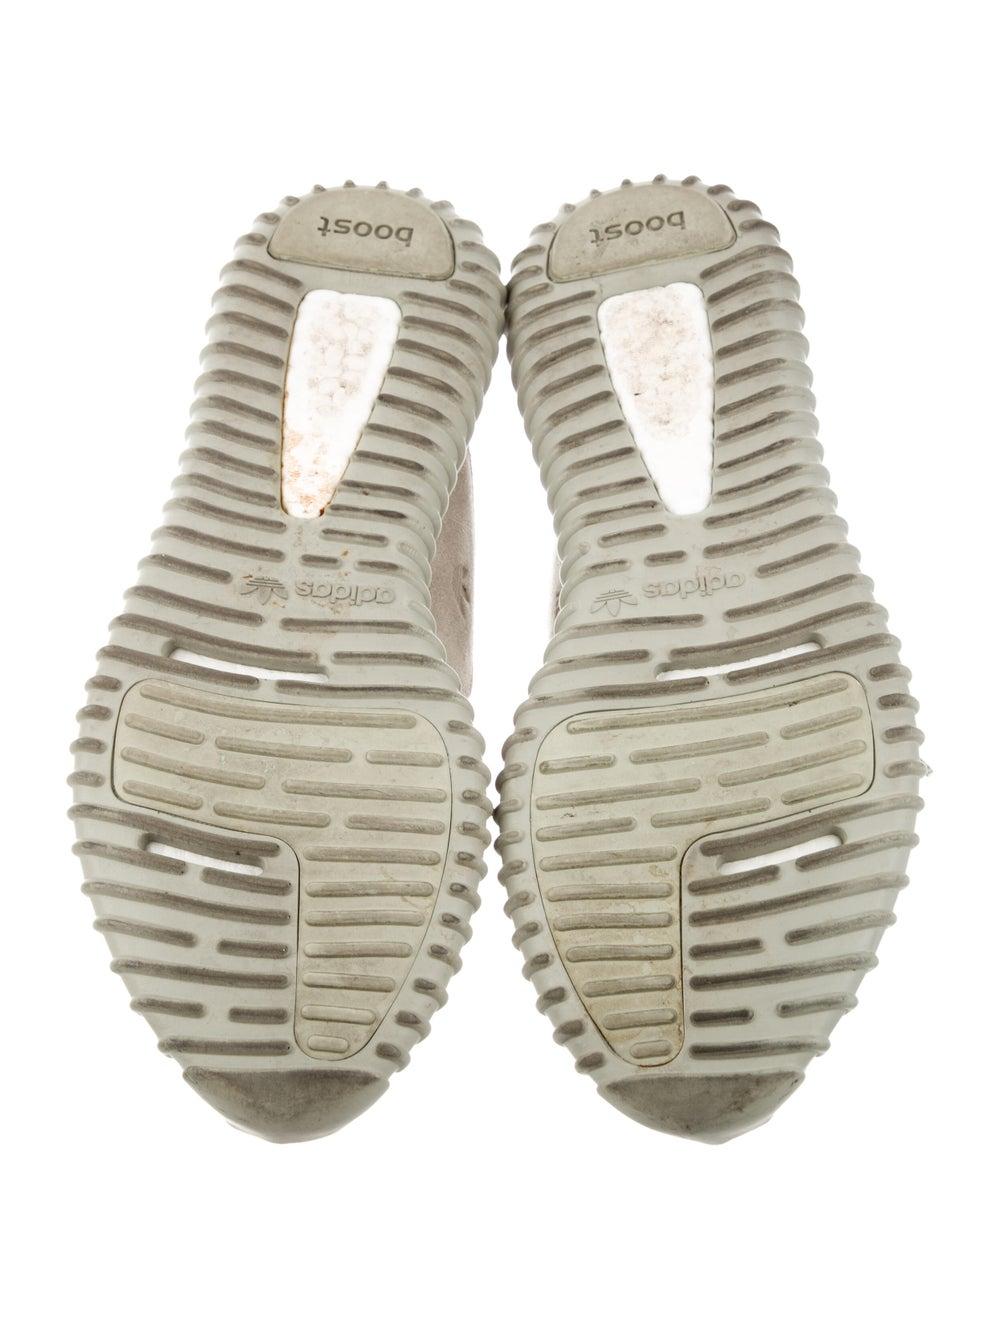 Yeezy x adidas Yeezy Boost 350 Moonrock Sneakers - image 5